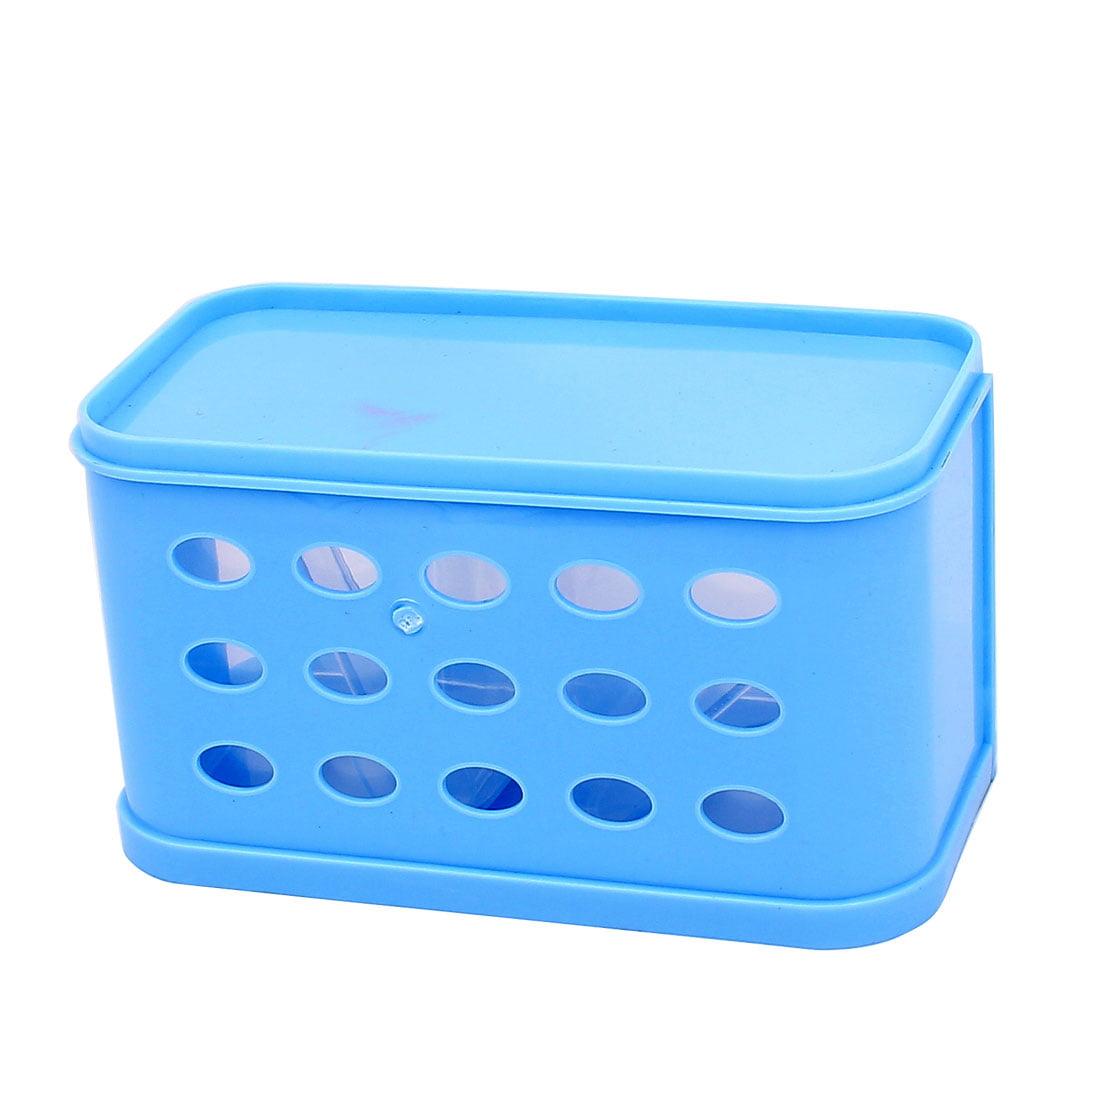 Kitchen Plastic Two Cells Spices Salt Condiment Dispenser Box Blue 2pcs - image 2 de 4